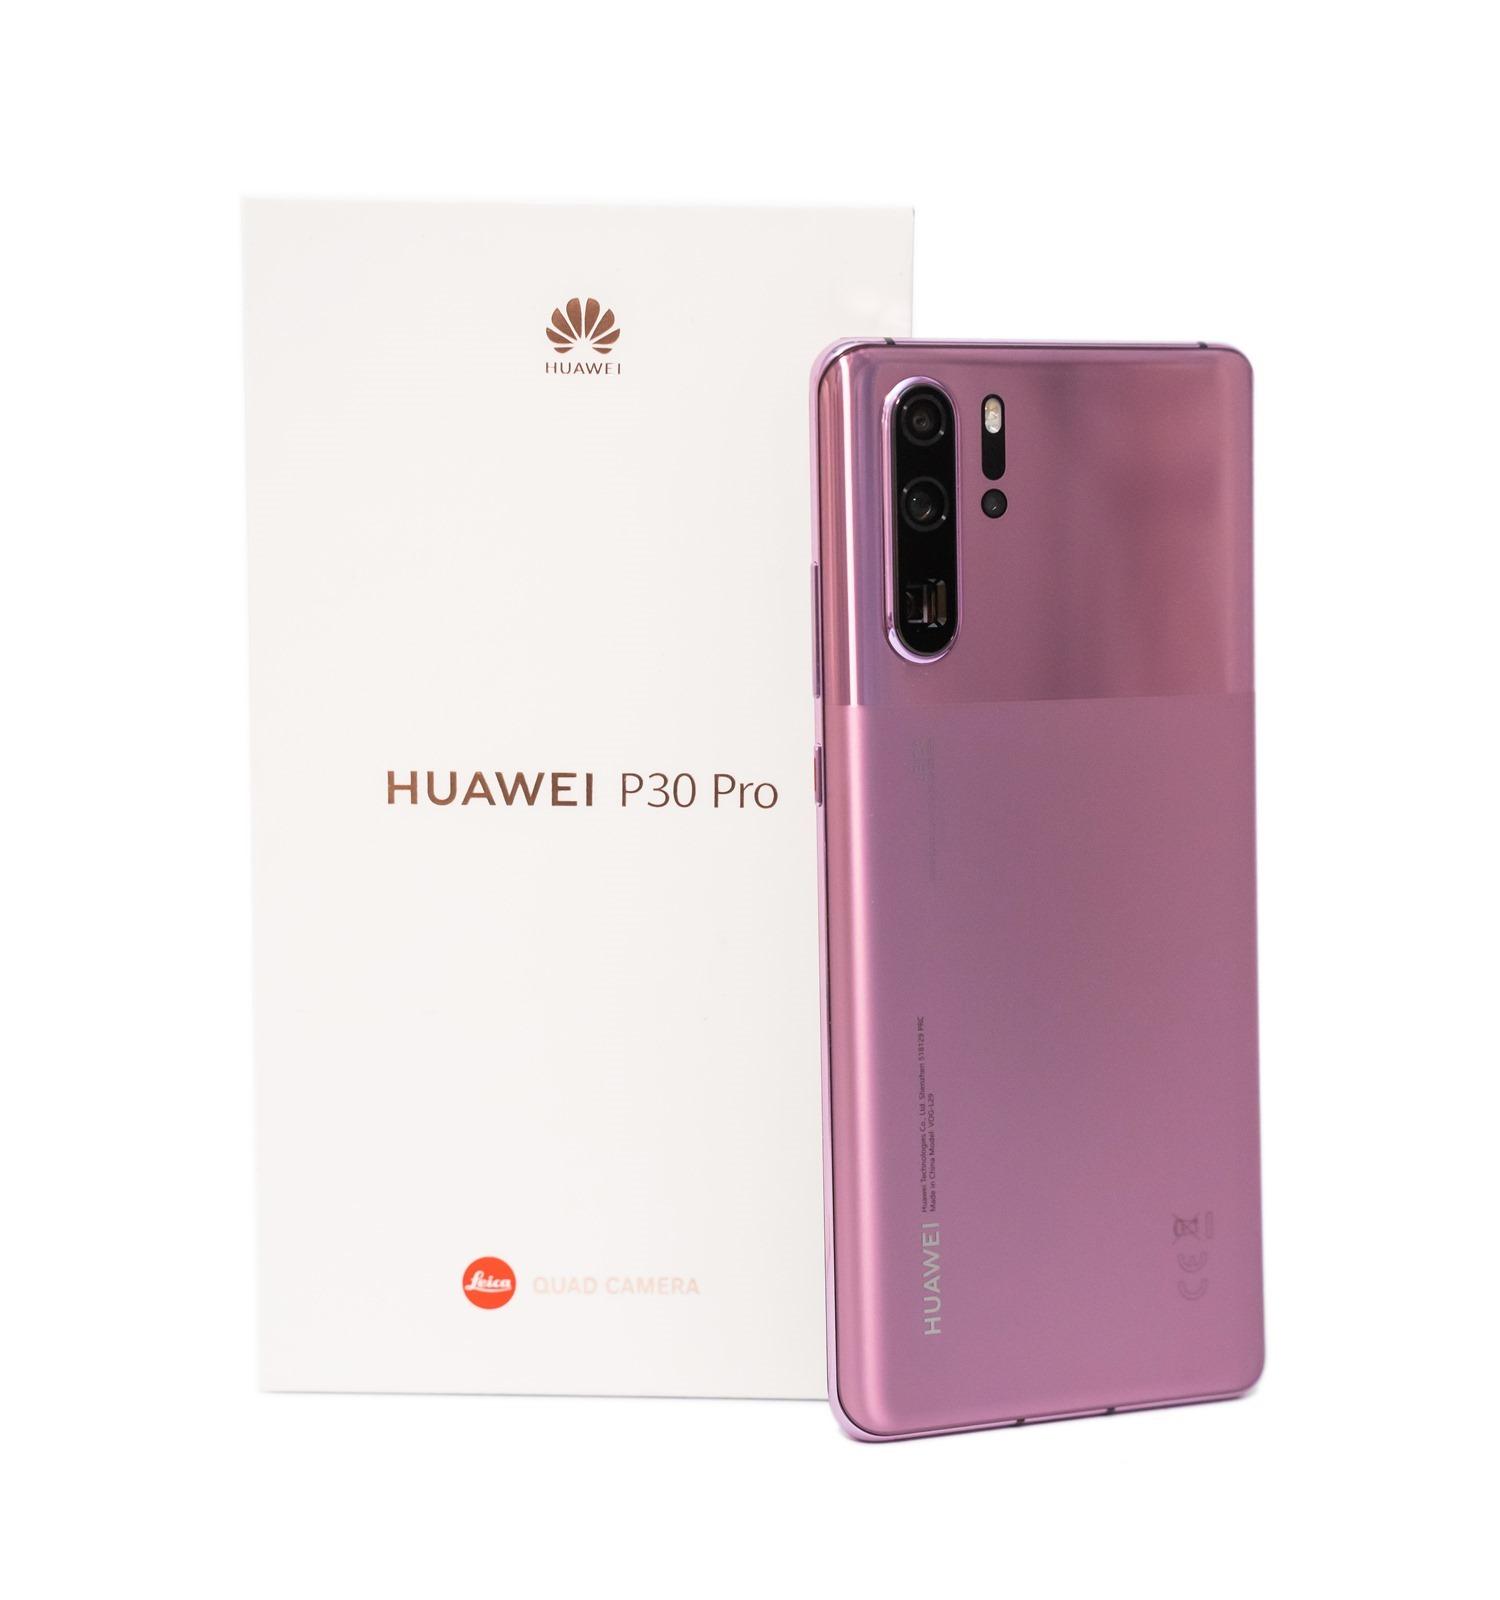 華為 P30 Pro 新色『嫣紫色』開箱!同場加映自拍也支援夜景模式了! @3C 達人廖阿輝